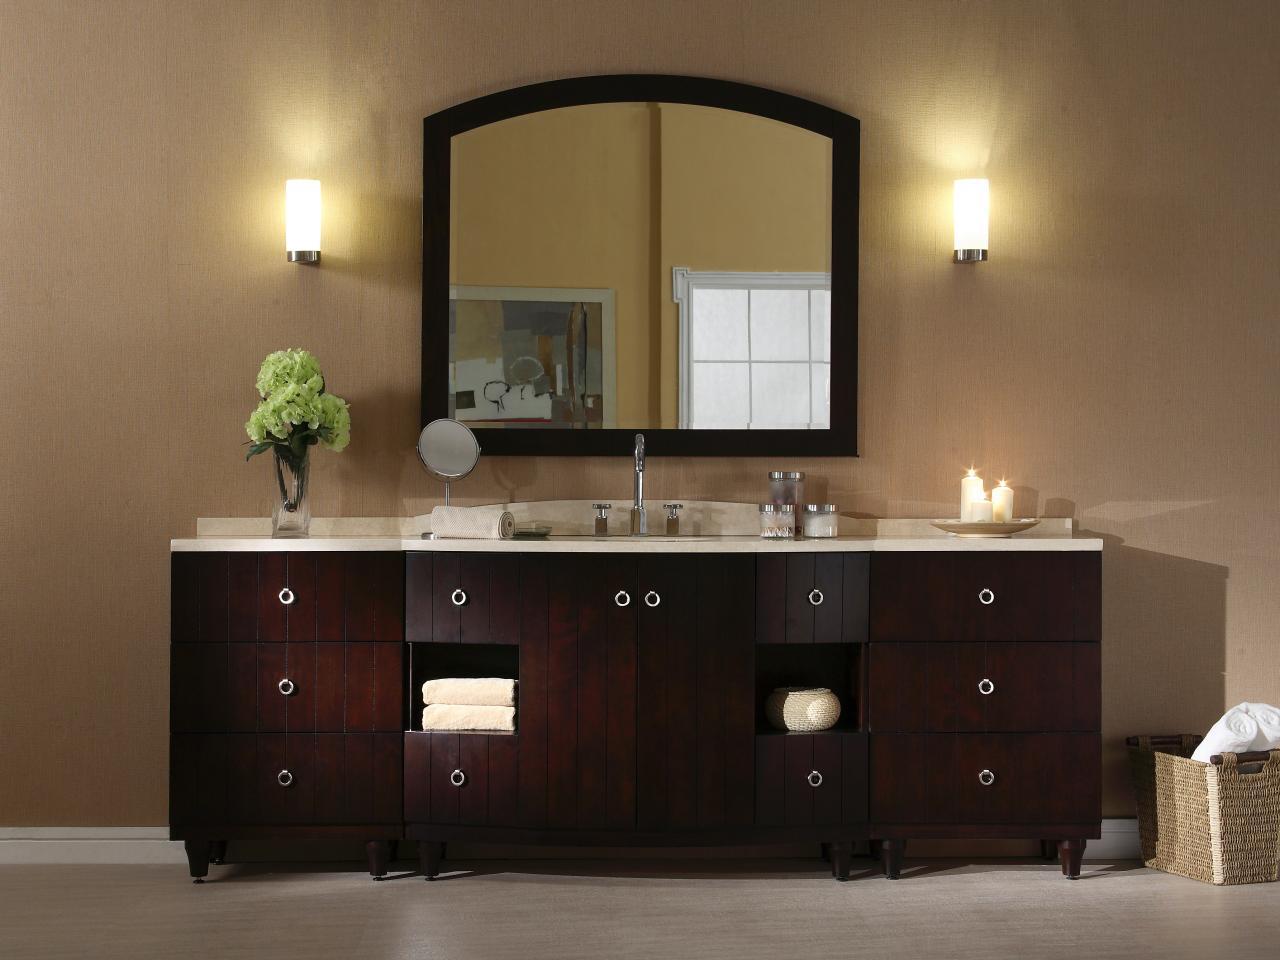 Настенные светильники в ванной комнате